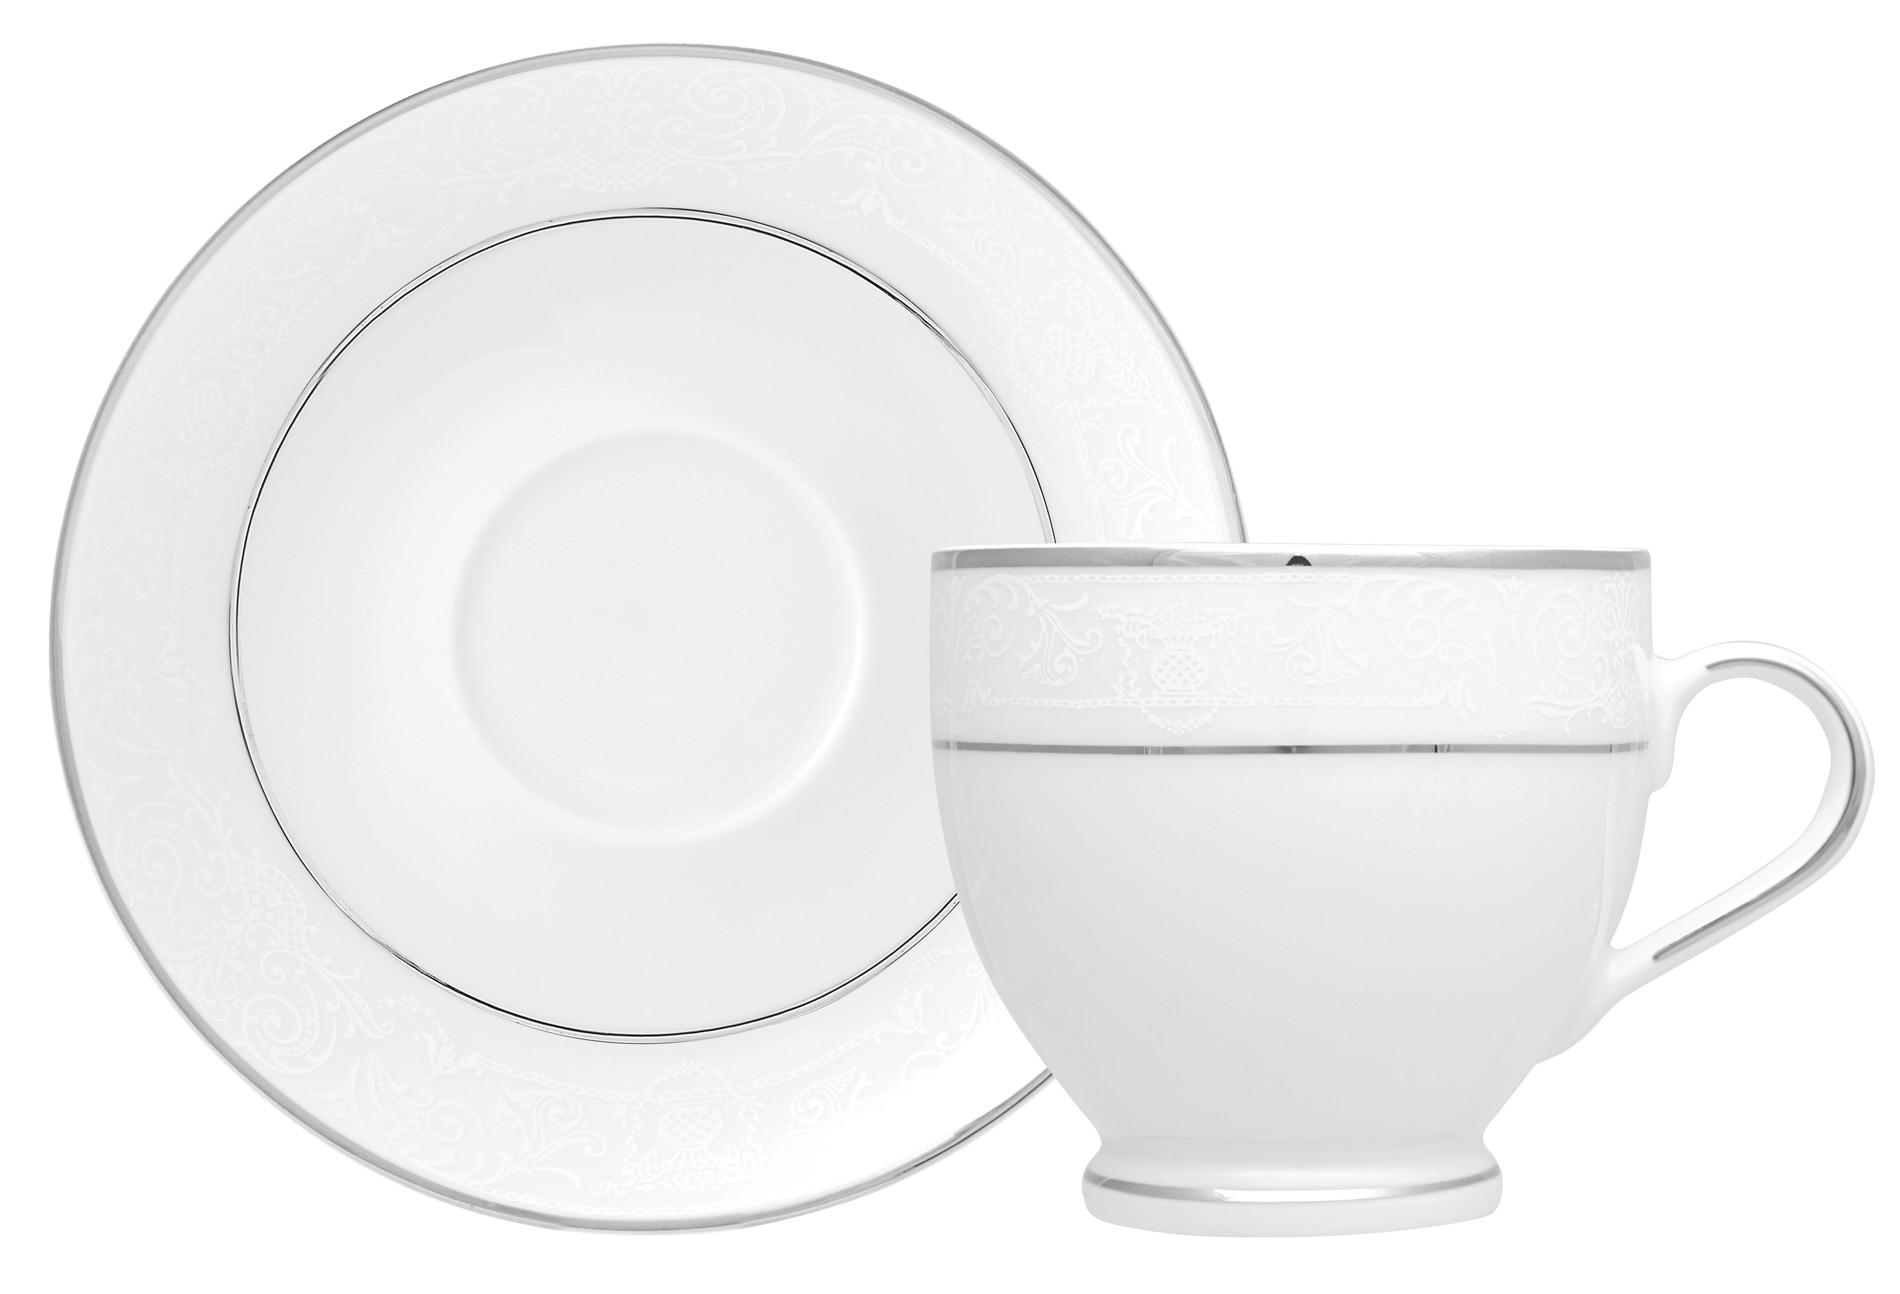 Φλυτζάνι & Πιάτο Καφέ Dantelle Σετ 6τμχ Ionia home   ειδη cafe τσαϊ   κούπες   φλυτζάνια